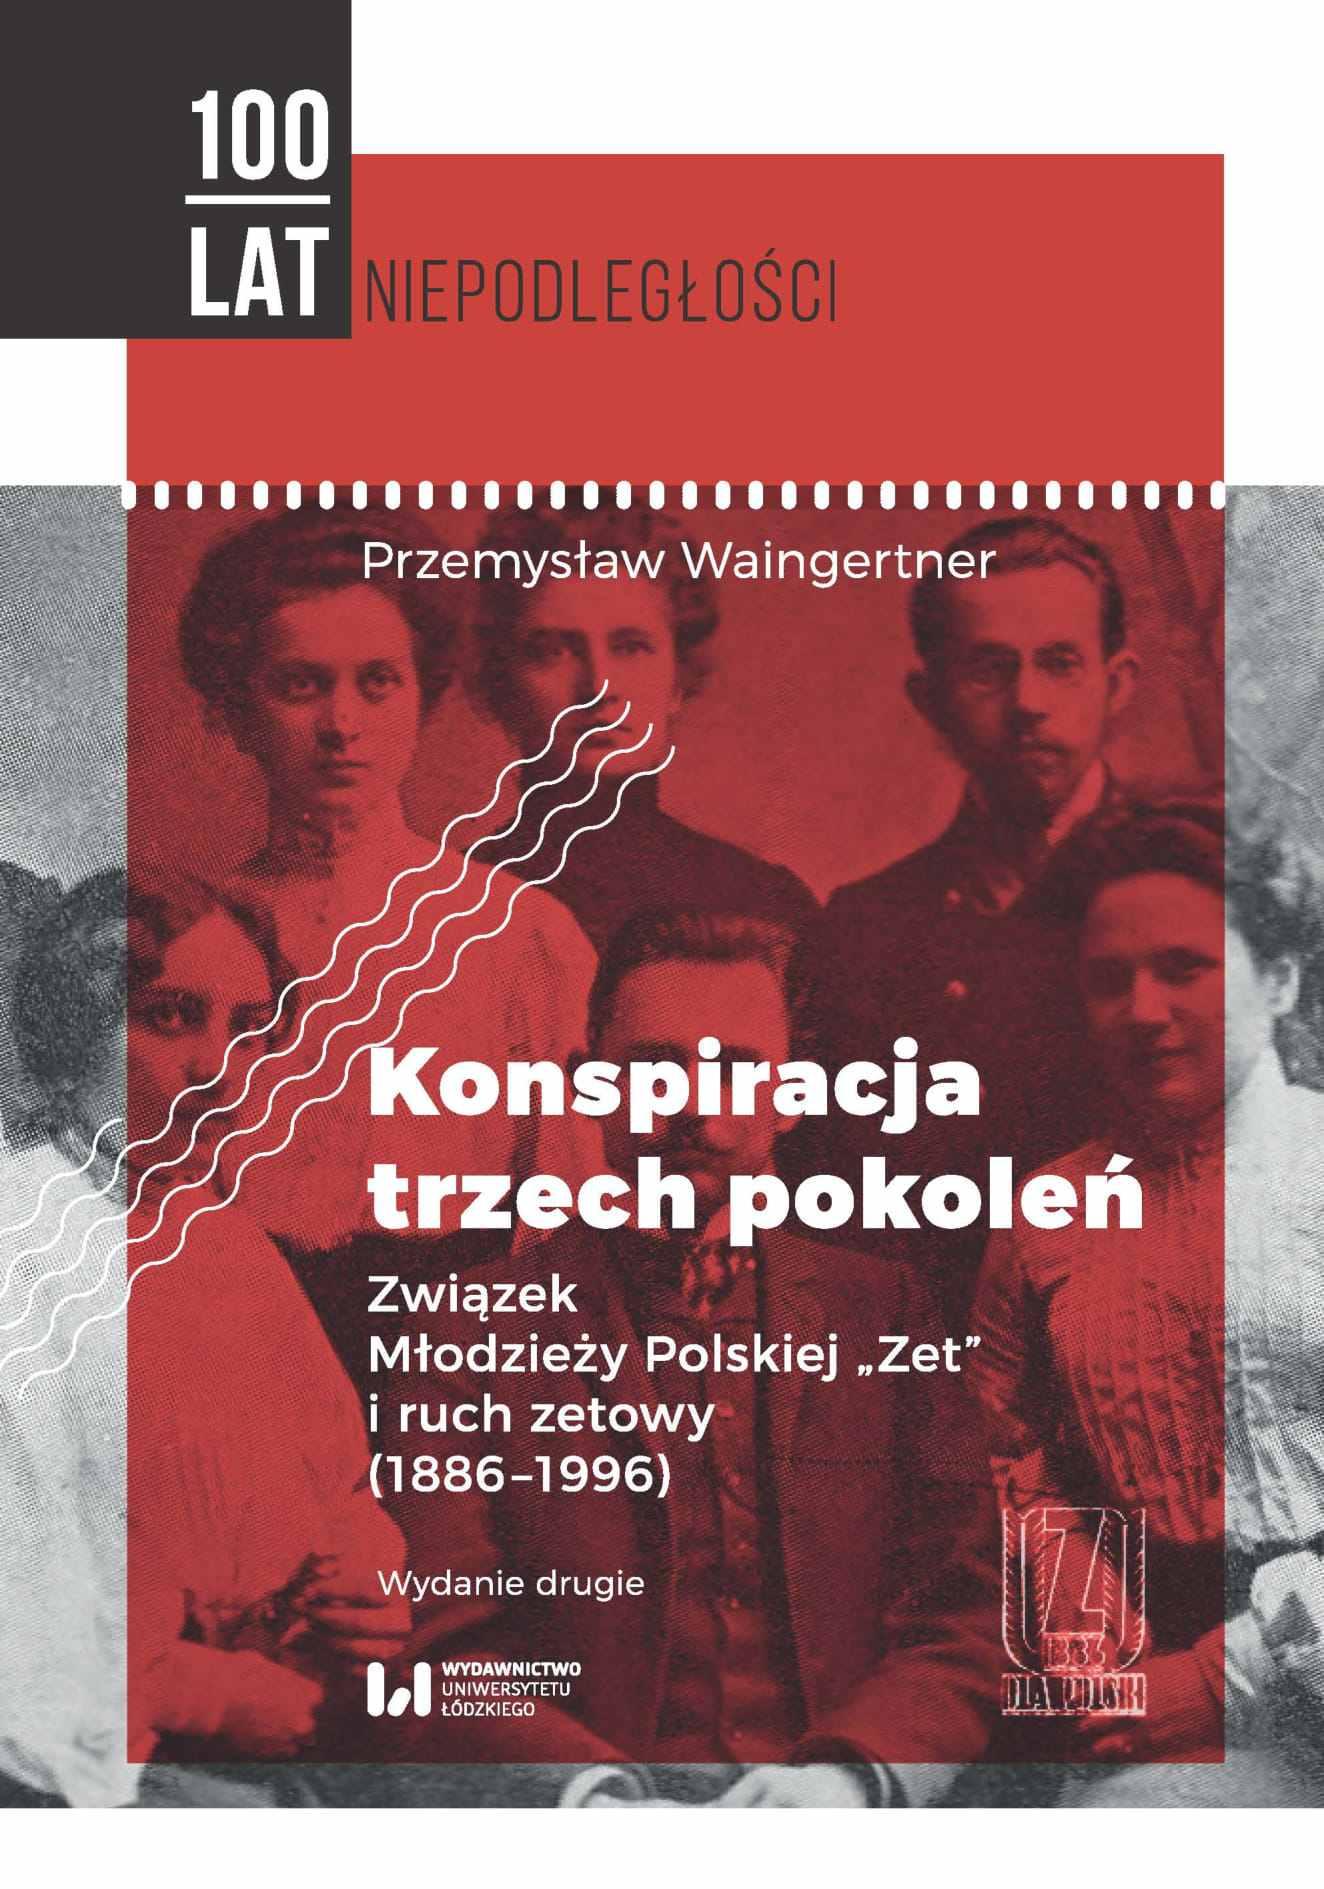 """Konspiracja trzech pokoleń. Związek Młodzieży Polskiej """"Zet"""" i ruch zetowy (1886-1996). Wydanie drugie - Ebook (Książka PDF) do pobrania w formacie PDF"""